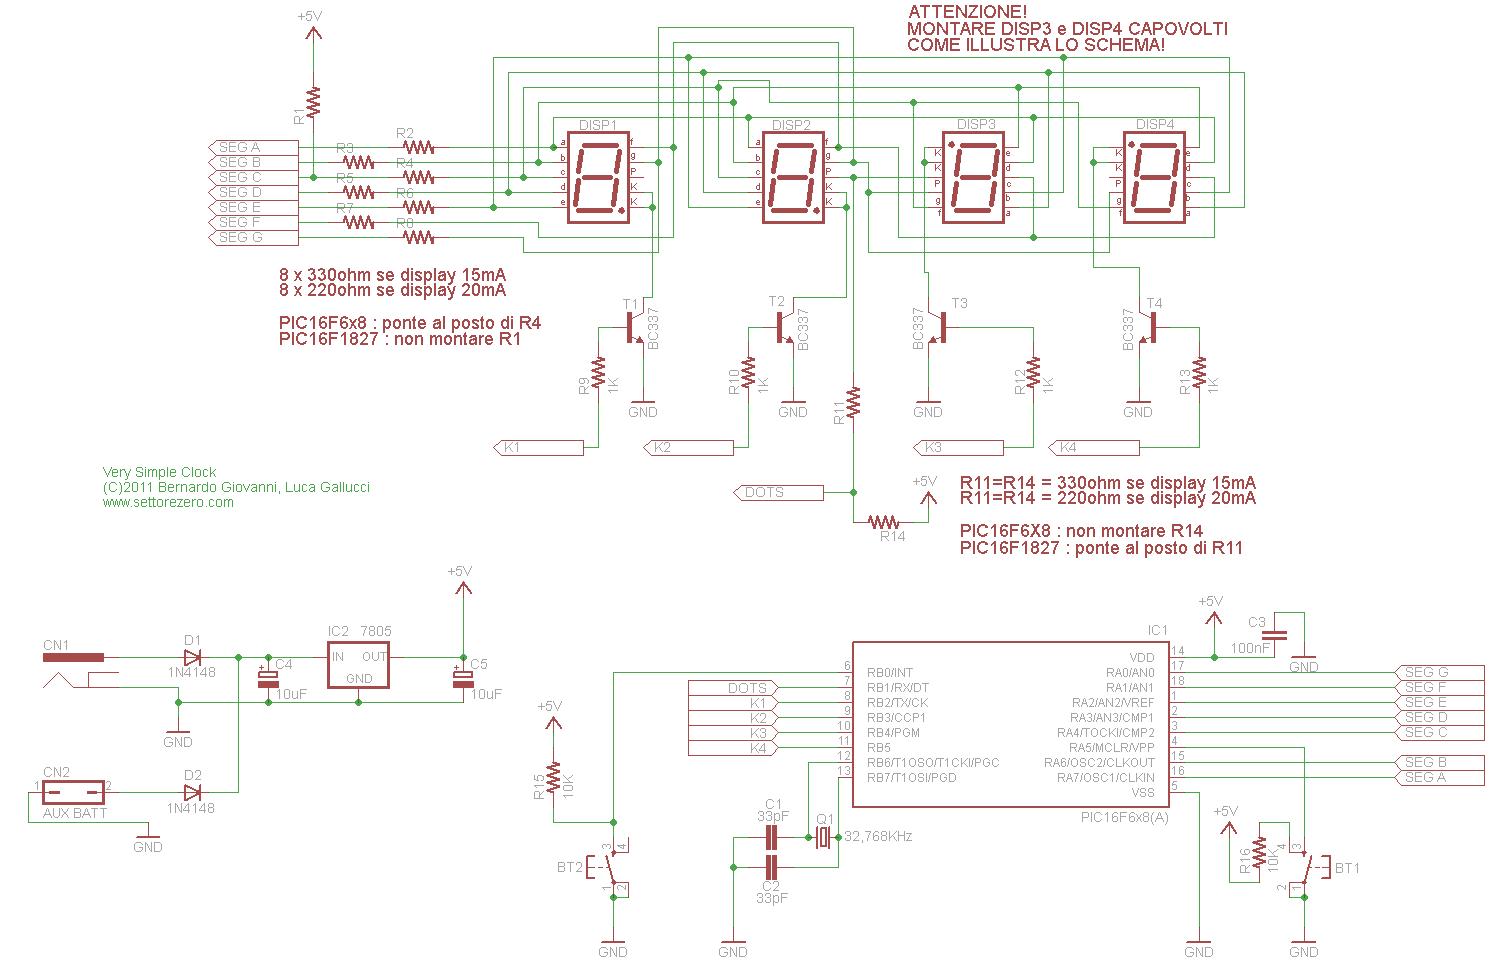 Schema Elettrico Elettrificatore : Schema elettrico orologio programmatore fare di una mosca